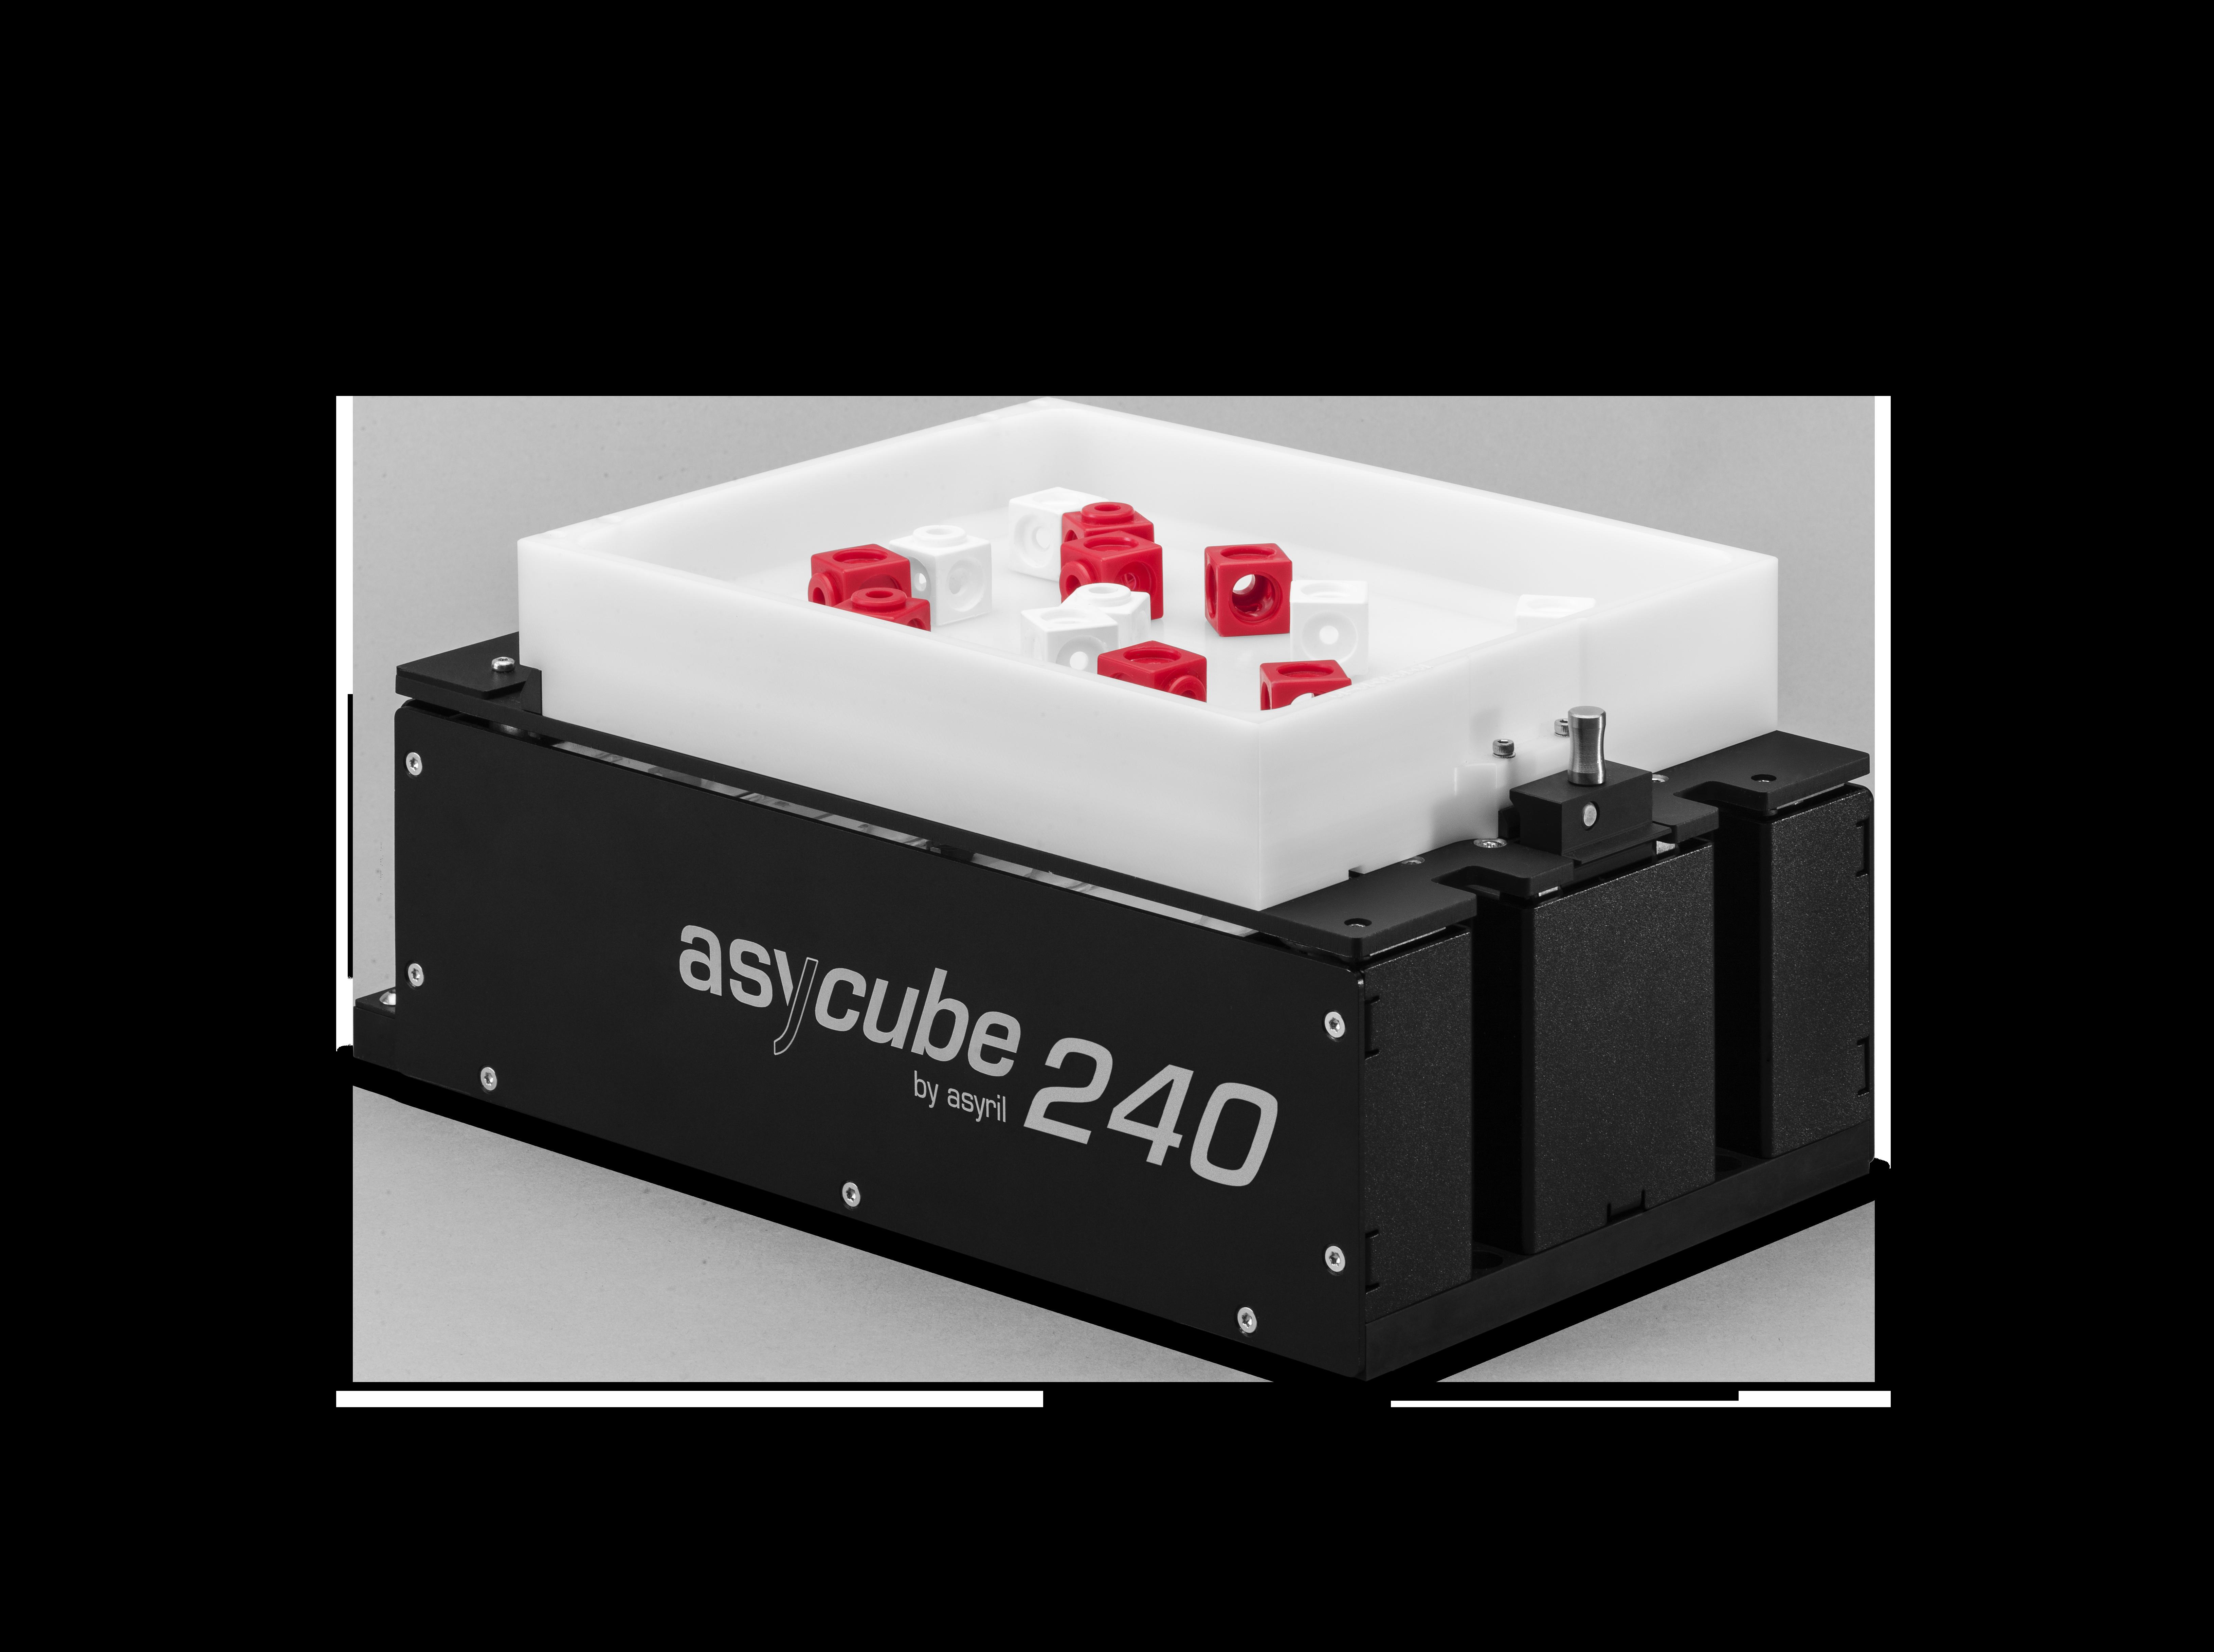 5 to 40 mm alimentación de piezas de alto rendimiento asyril asycube 240